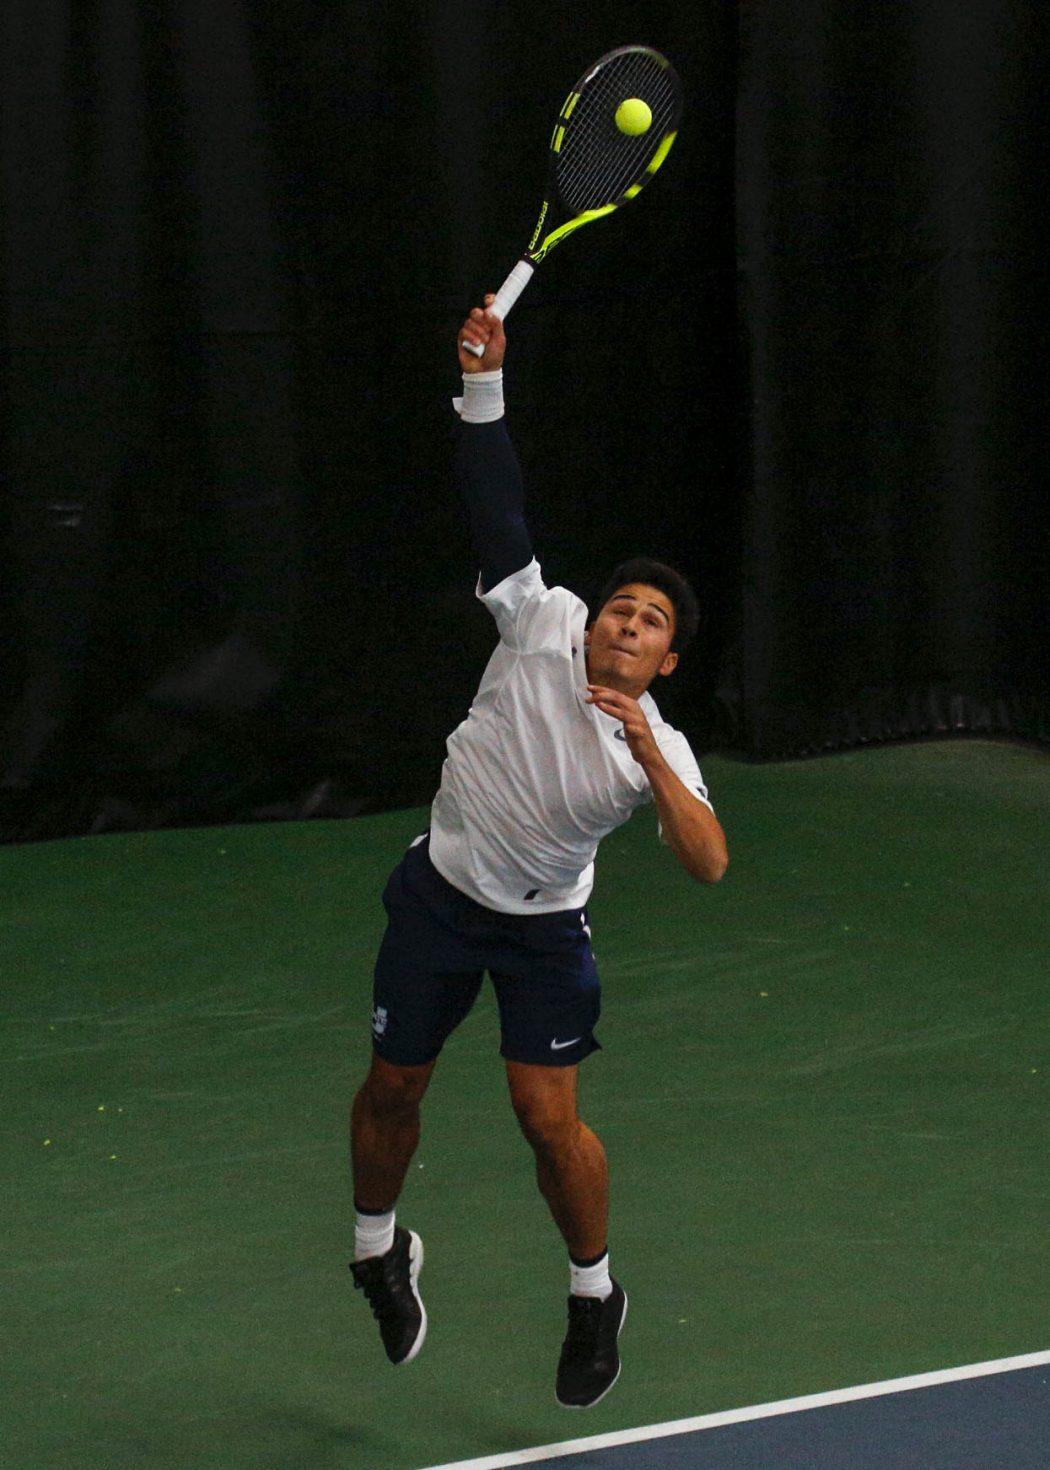 mens tennis clinch share - HD1050×1470